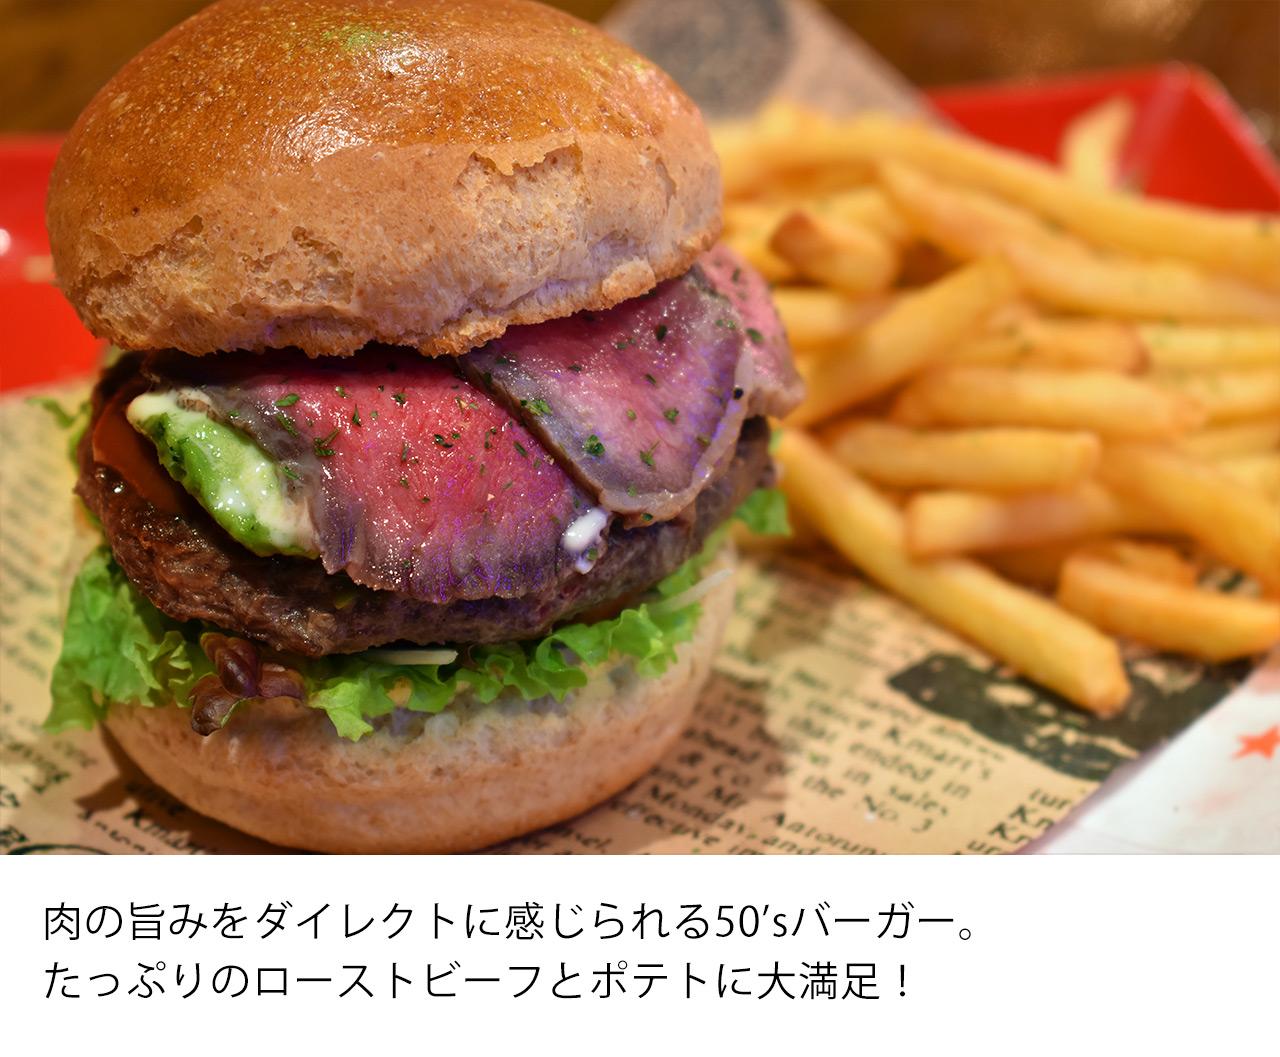 肉の旨みをダイレクトに感じられる50'sバーガー。たっぷりのローストビーフとポテトに大満足!